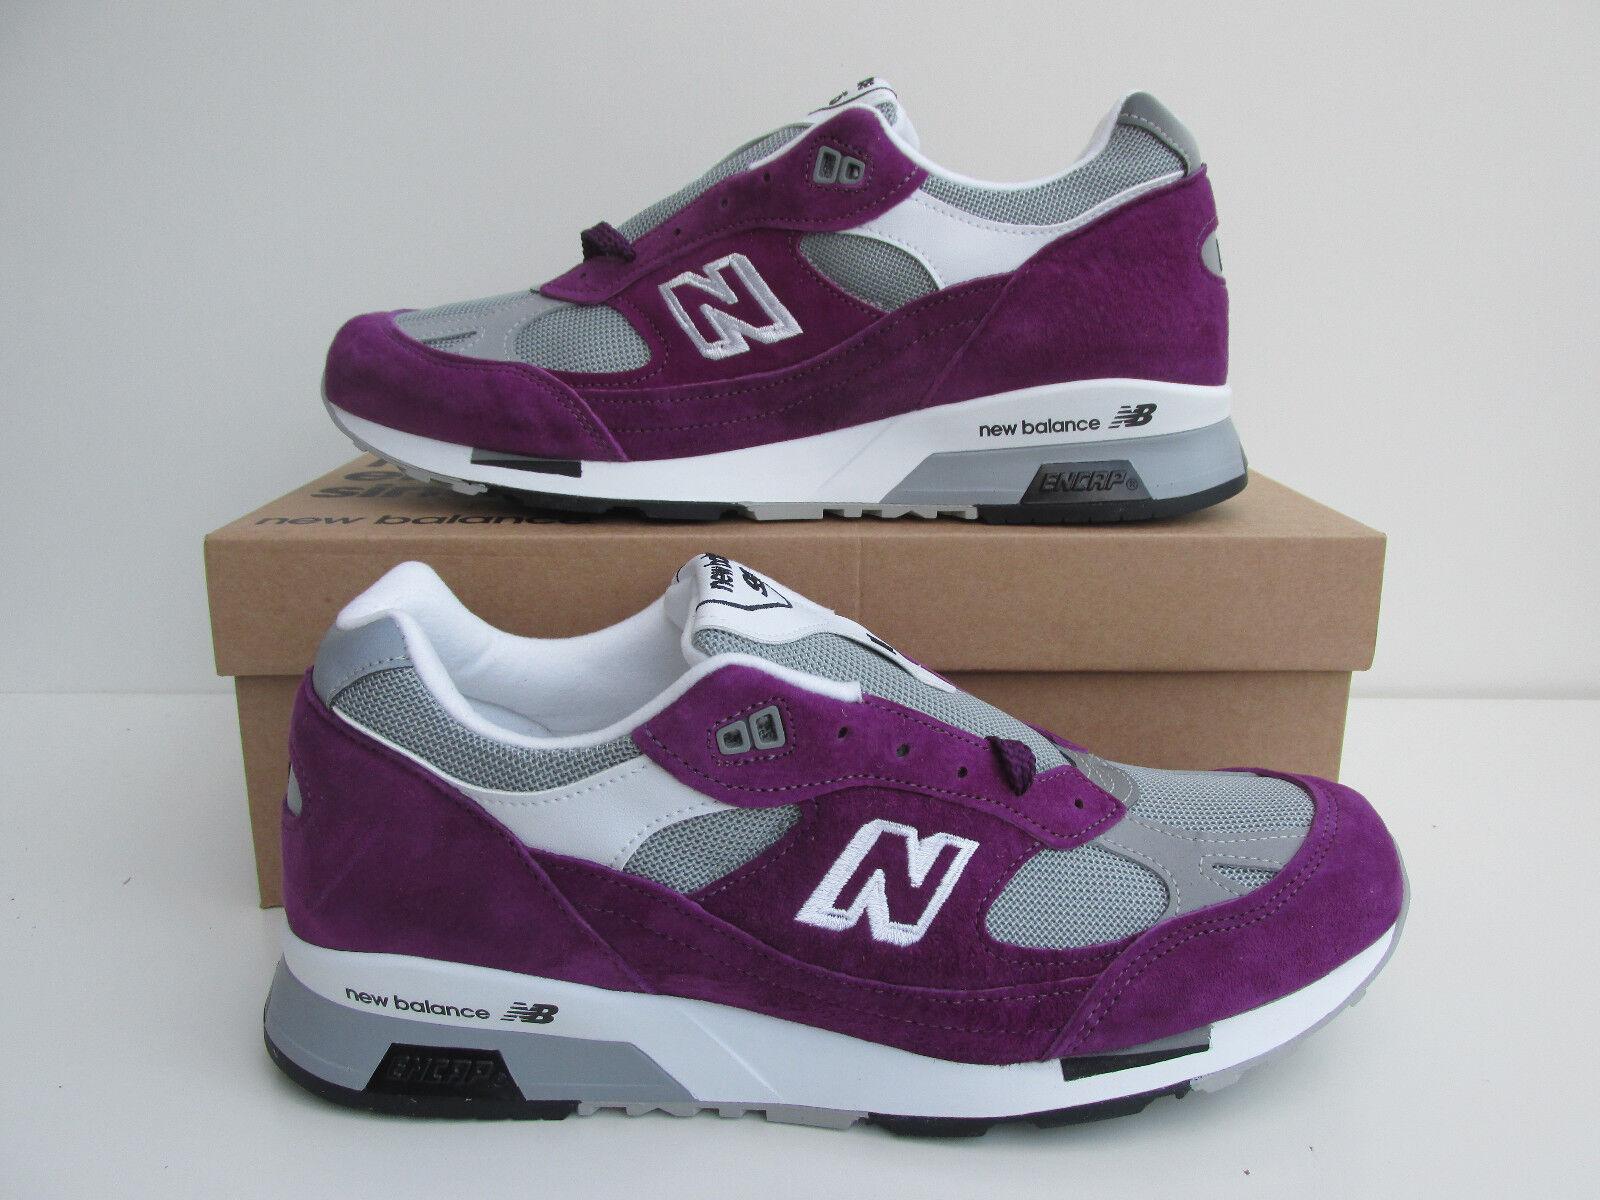 Nuevo Y En Caja New Balance 991.5 CC UK 11 Púrpura   9915 991 1500 unidad de suela superior